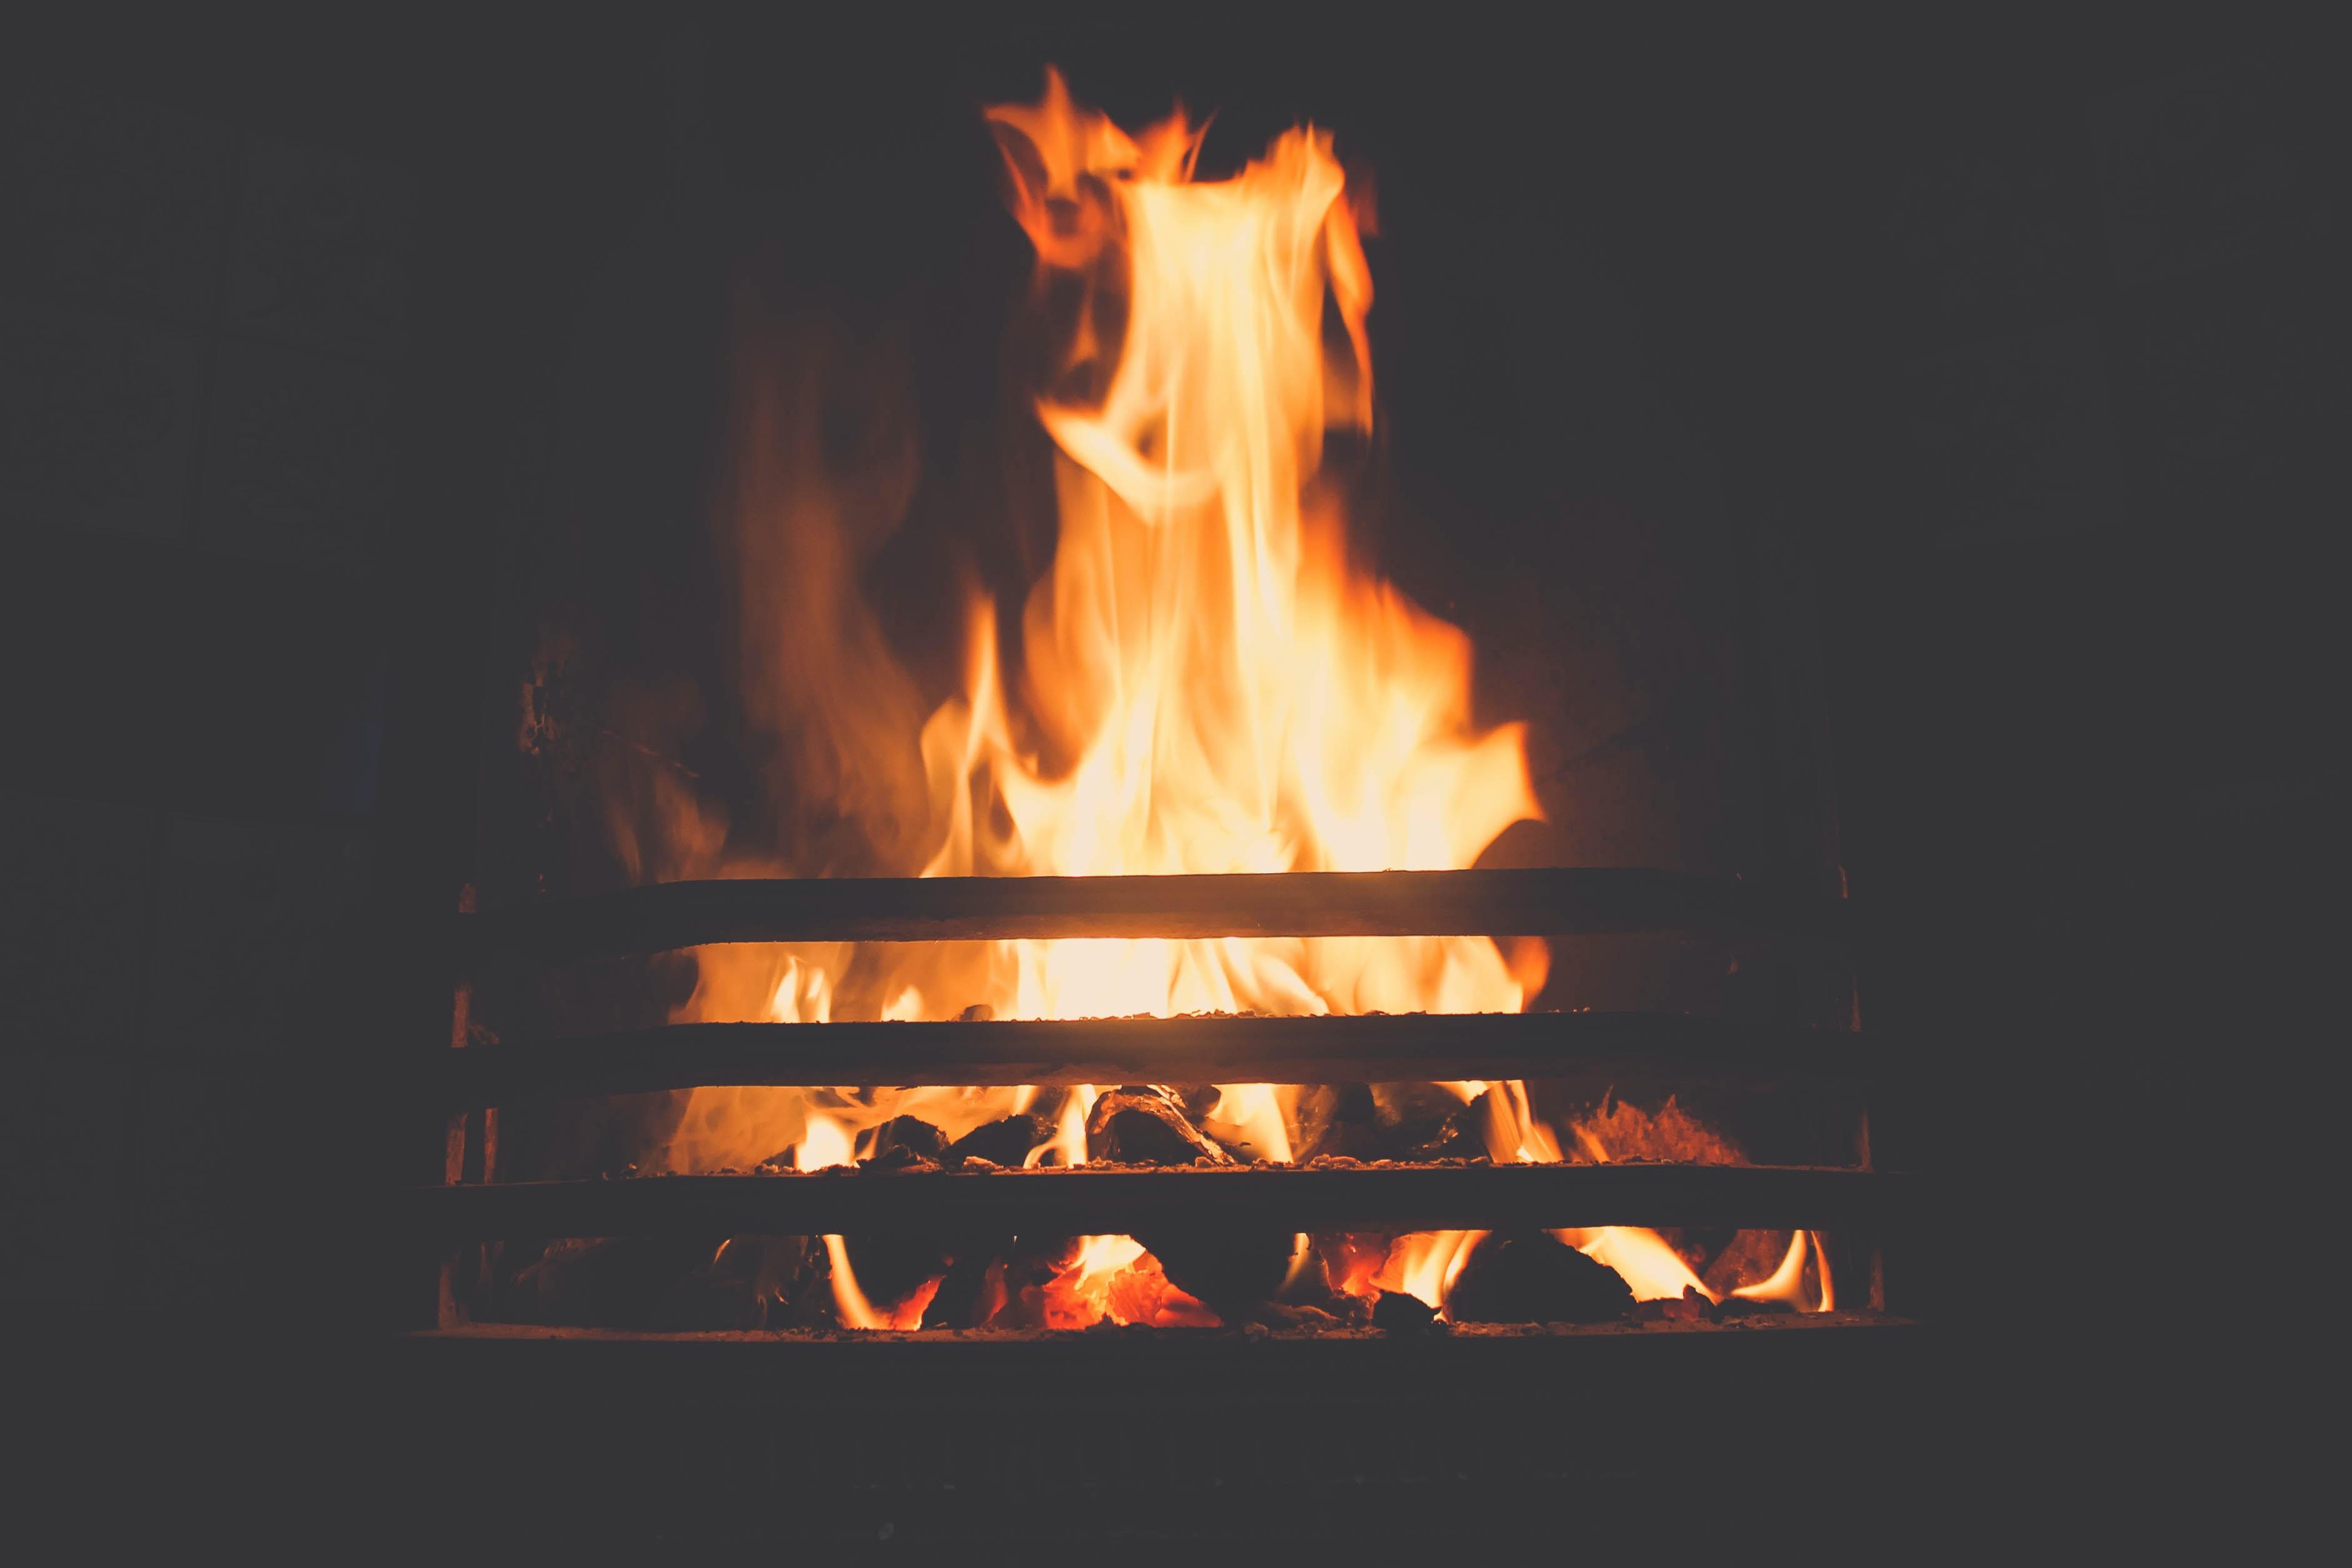 ogień, kult ognia, zaratusztrianizm, ahura mazda, zaratusztra, yatha ahu vairyo; źródło: unsplash